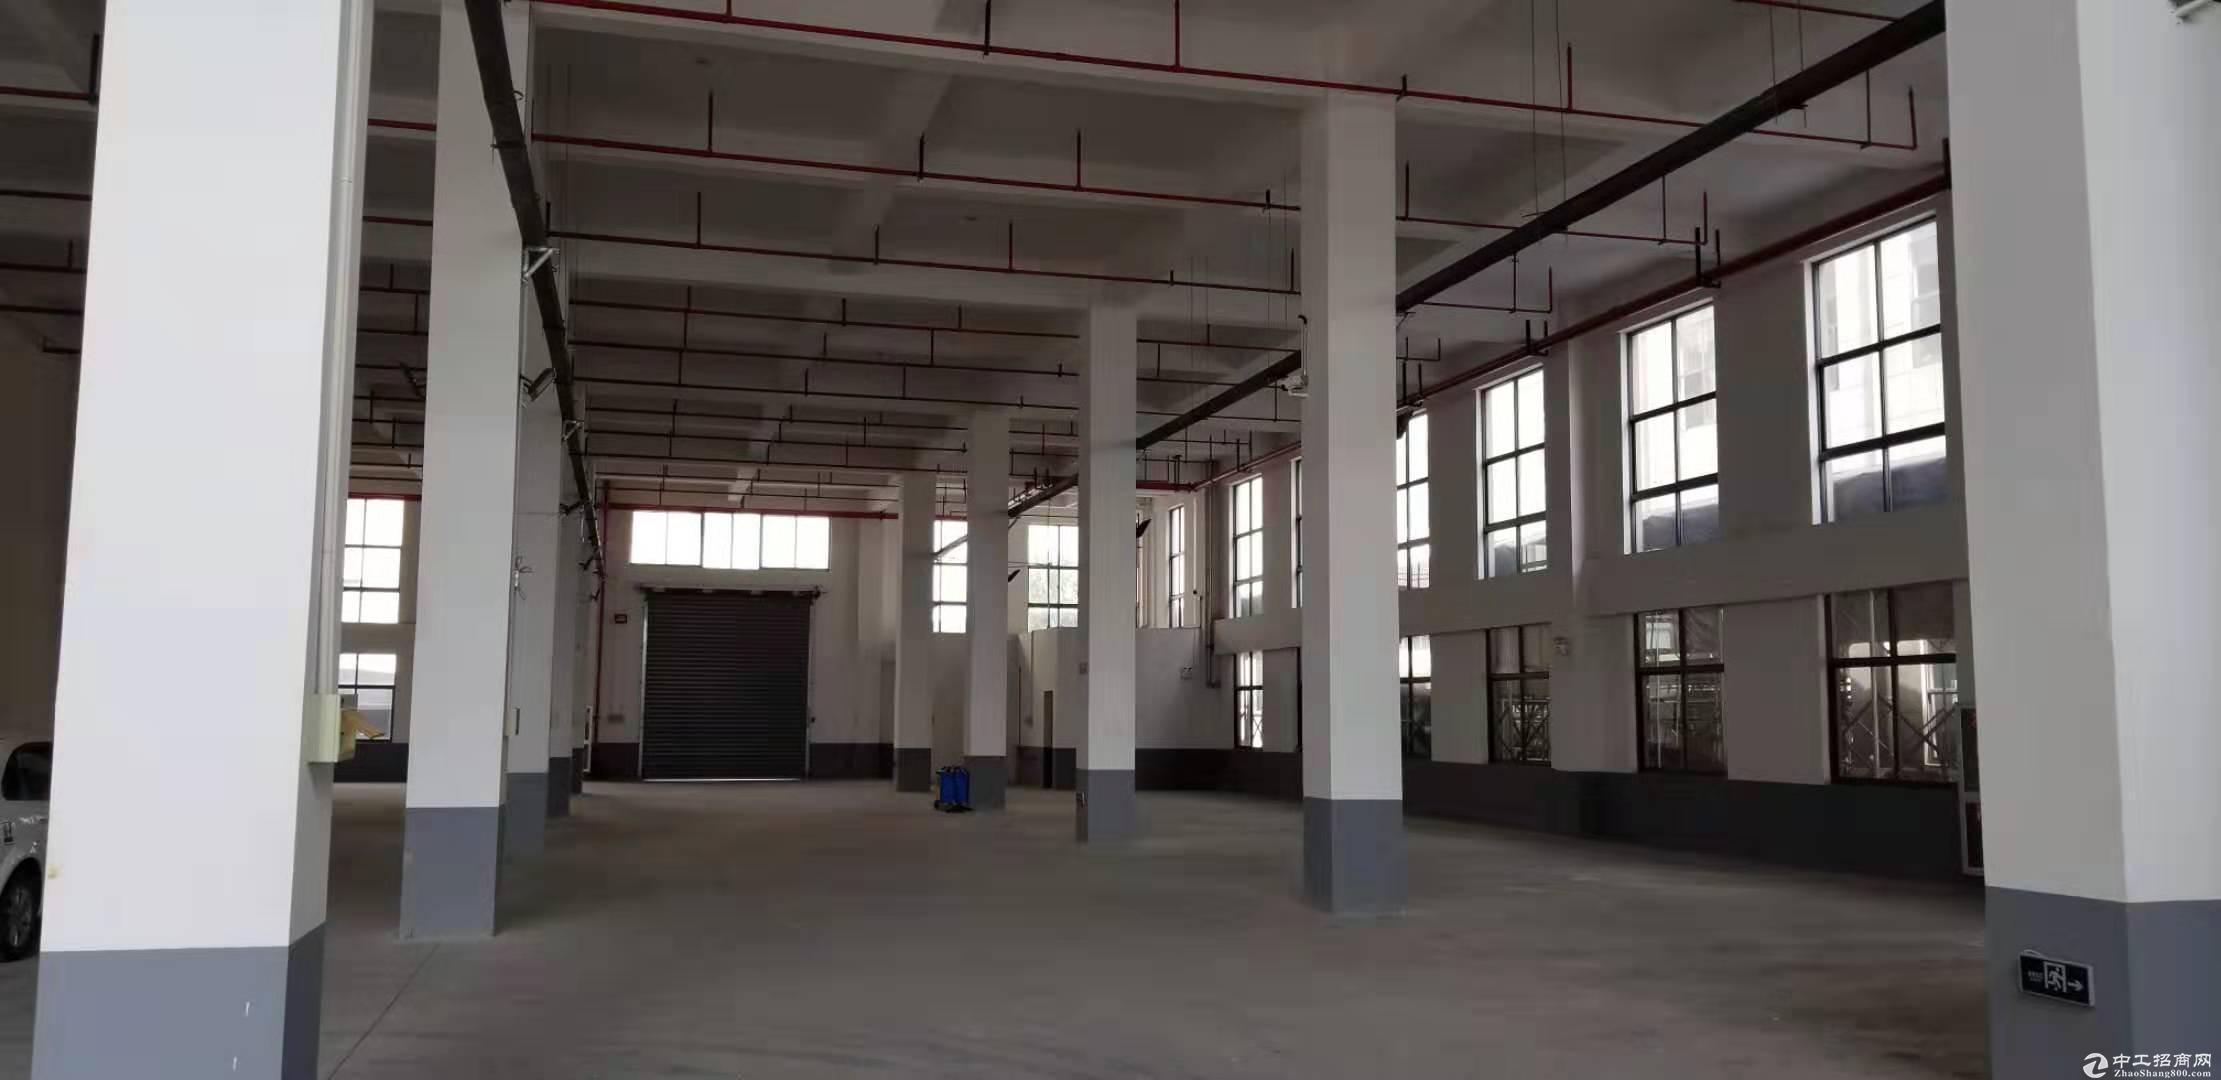 星桥标准厂房出租3000方,交通便利